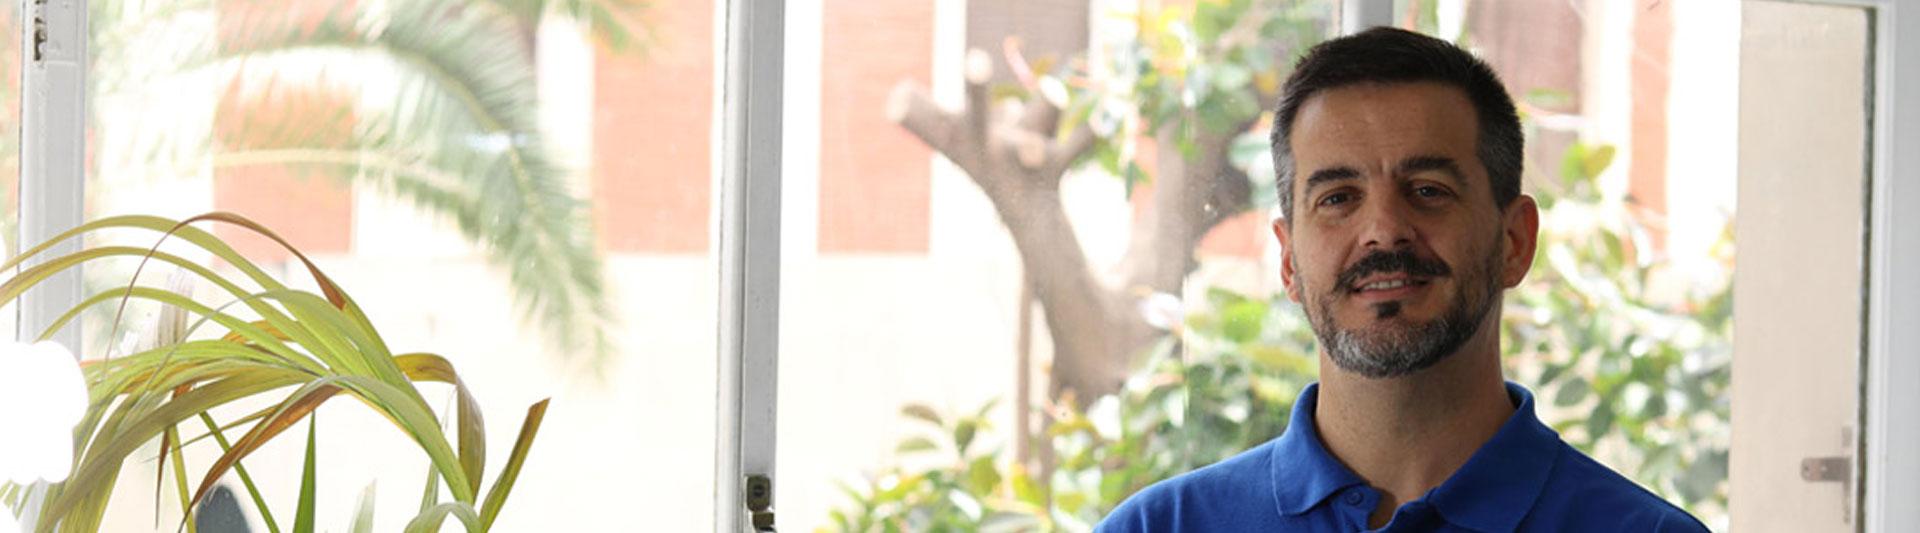 Entrevistas: Juanma Estévez, Director de Producto de GESIO